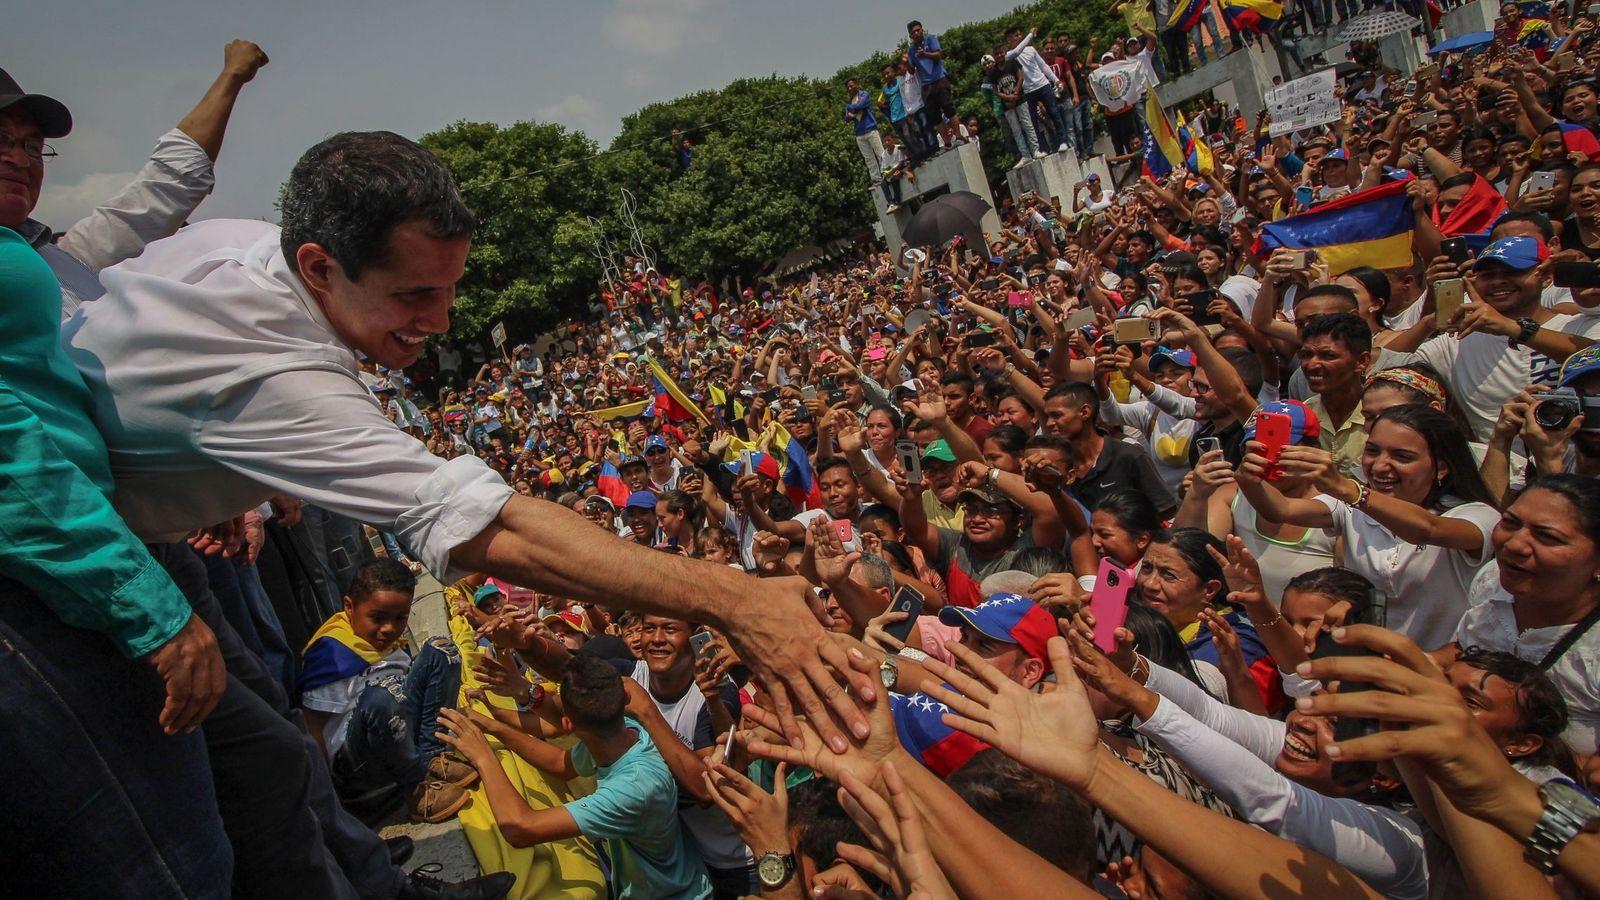 Foto: El jefe del Parlamento venezolano, Juan Guaidó, saluda a sus seguidores durante un acto en Villa del Rosario. (EFE)